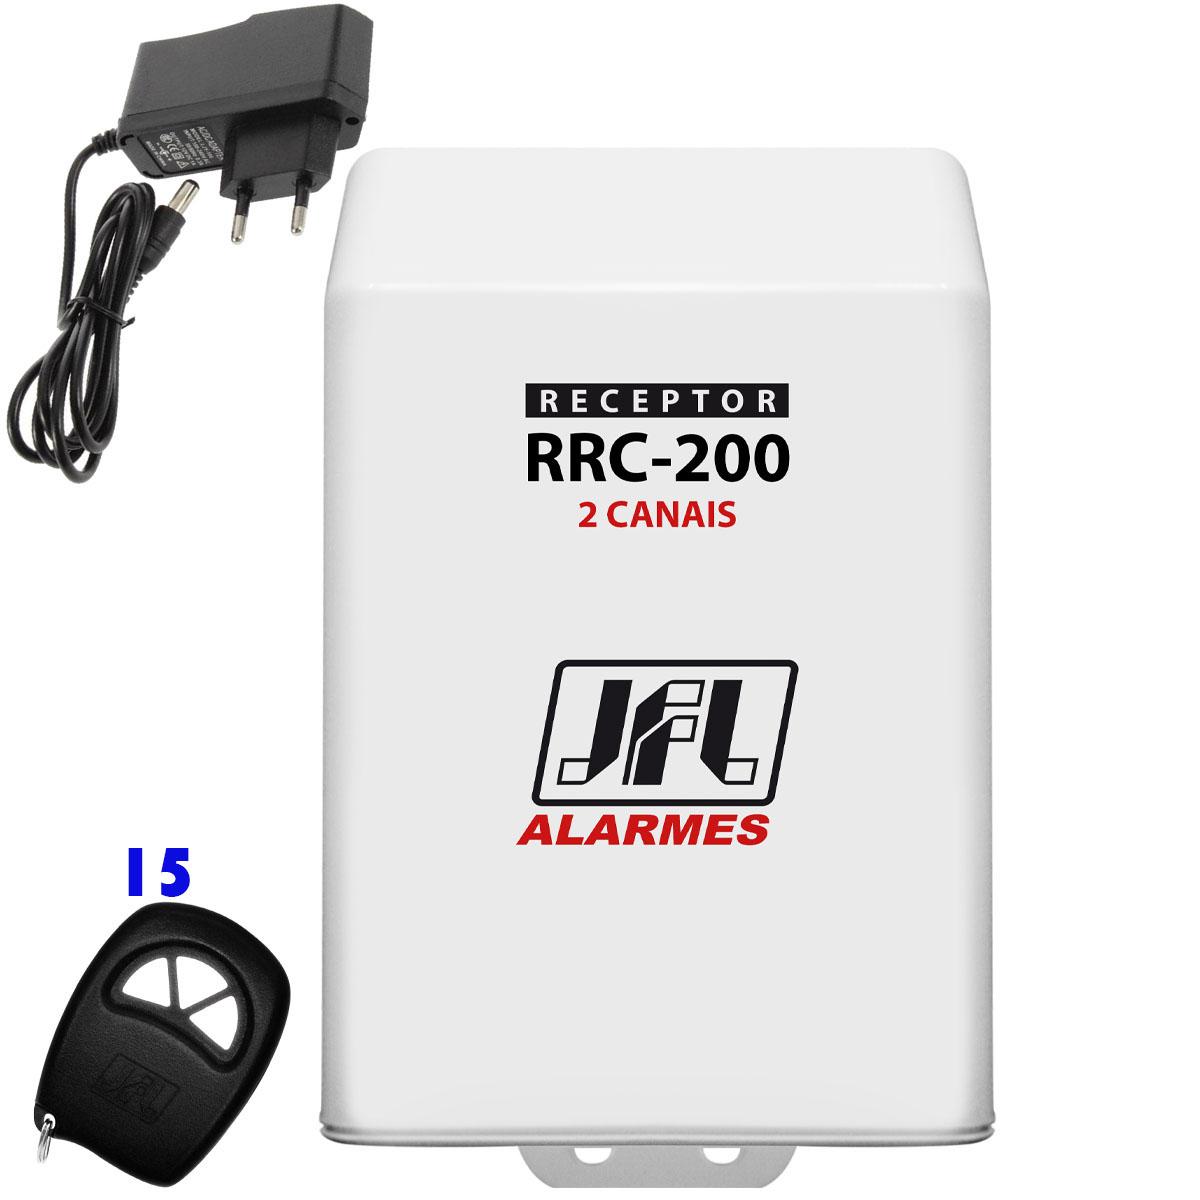 Kit Receptor de 2 Canais Jfl Rrc 200 Com 15 Controles E Fonte